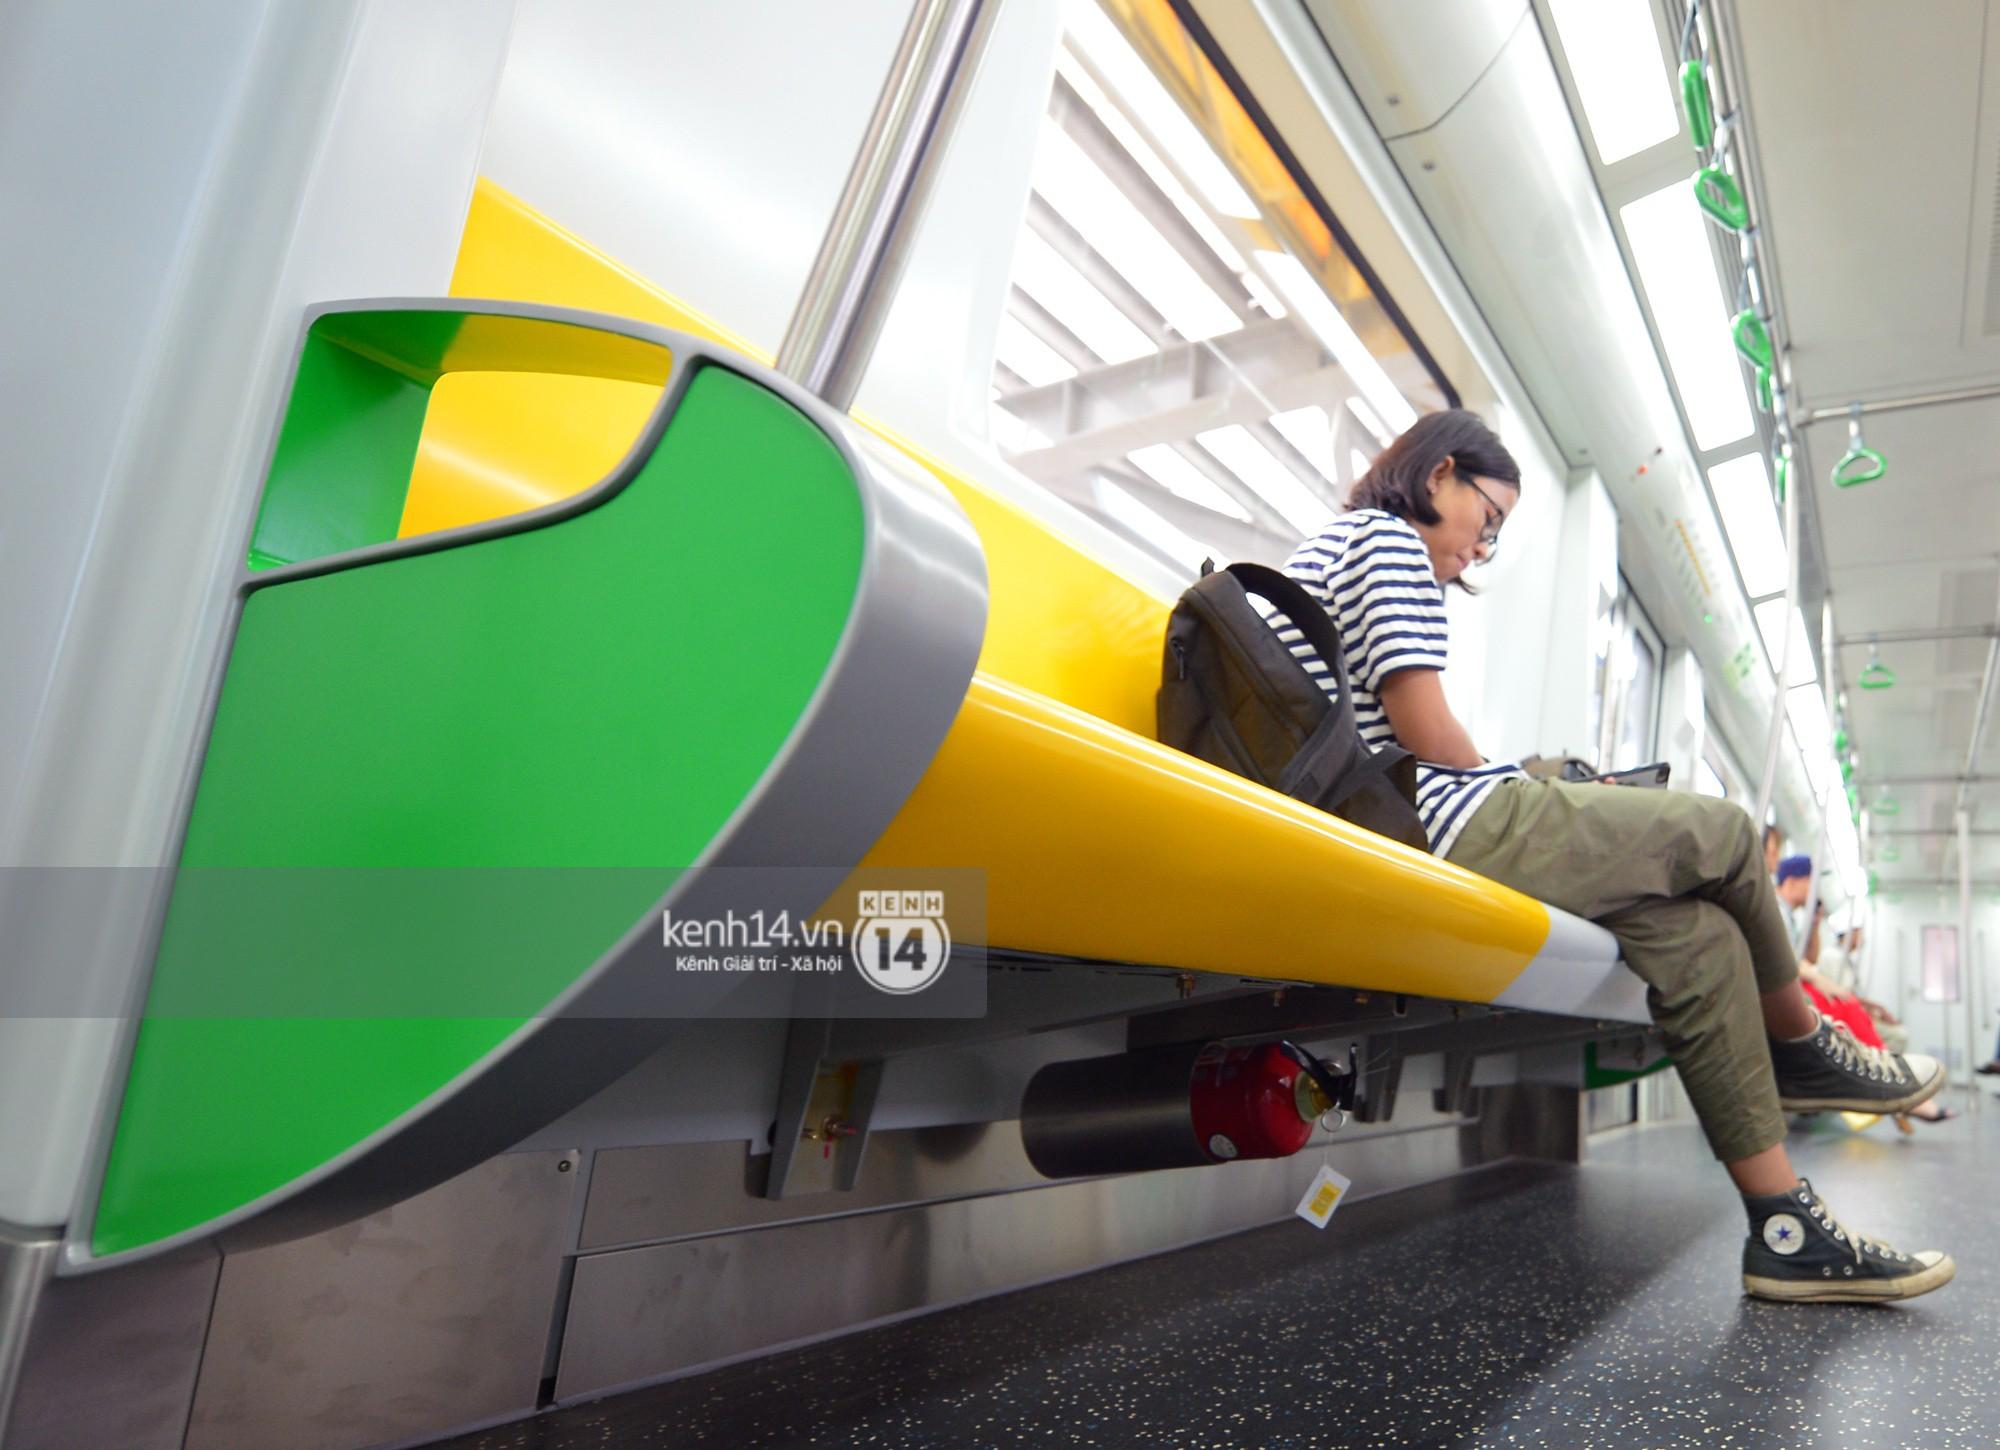 Trải nghiệm tàu đường sắt trên cao Cát Linh - Hà Đông ngày chạy thử - Ảnh 13.